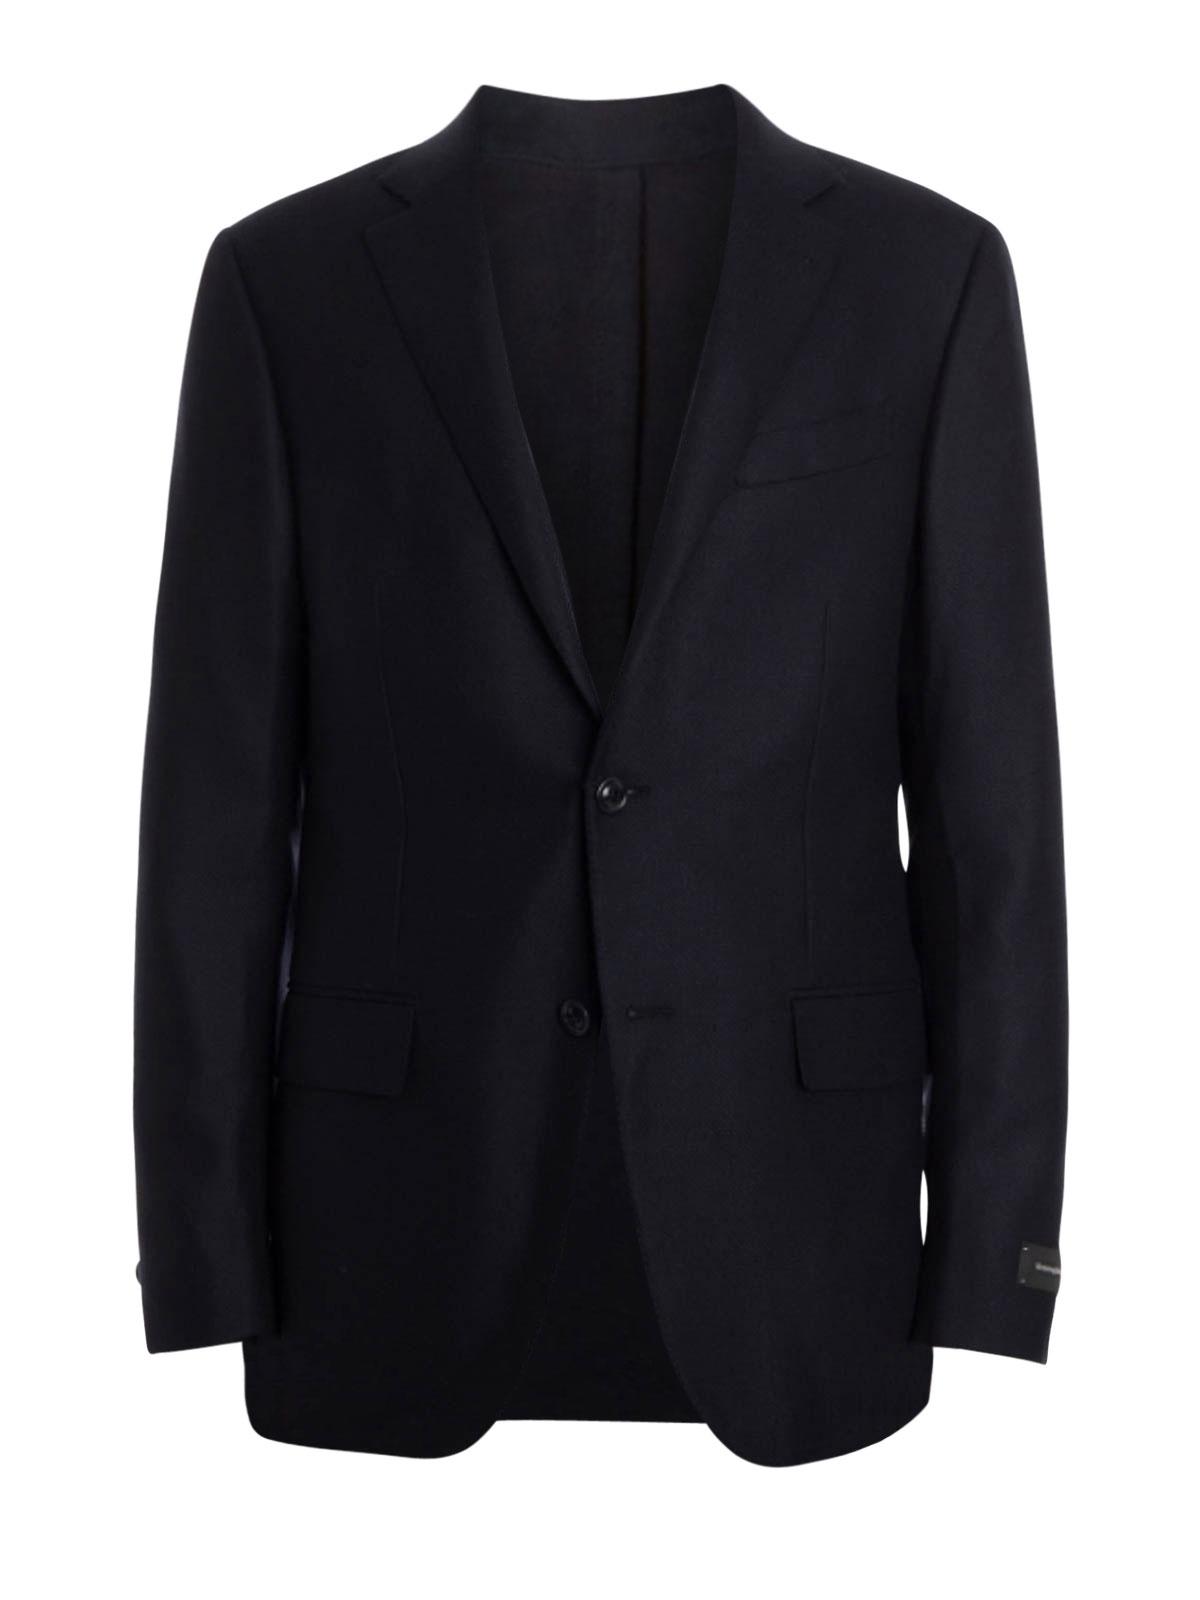 07a999f718e8e Ermenegildo Zegna - Giacca modello 10 tasche - giacche blazer ...